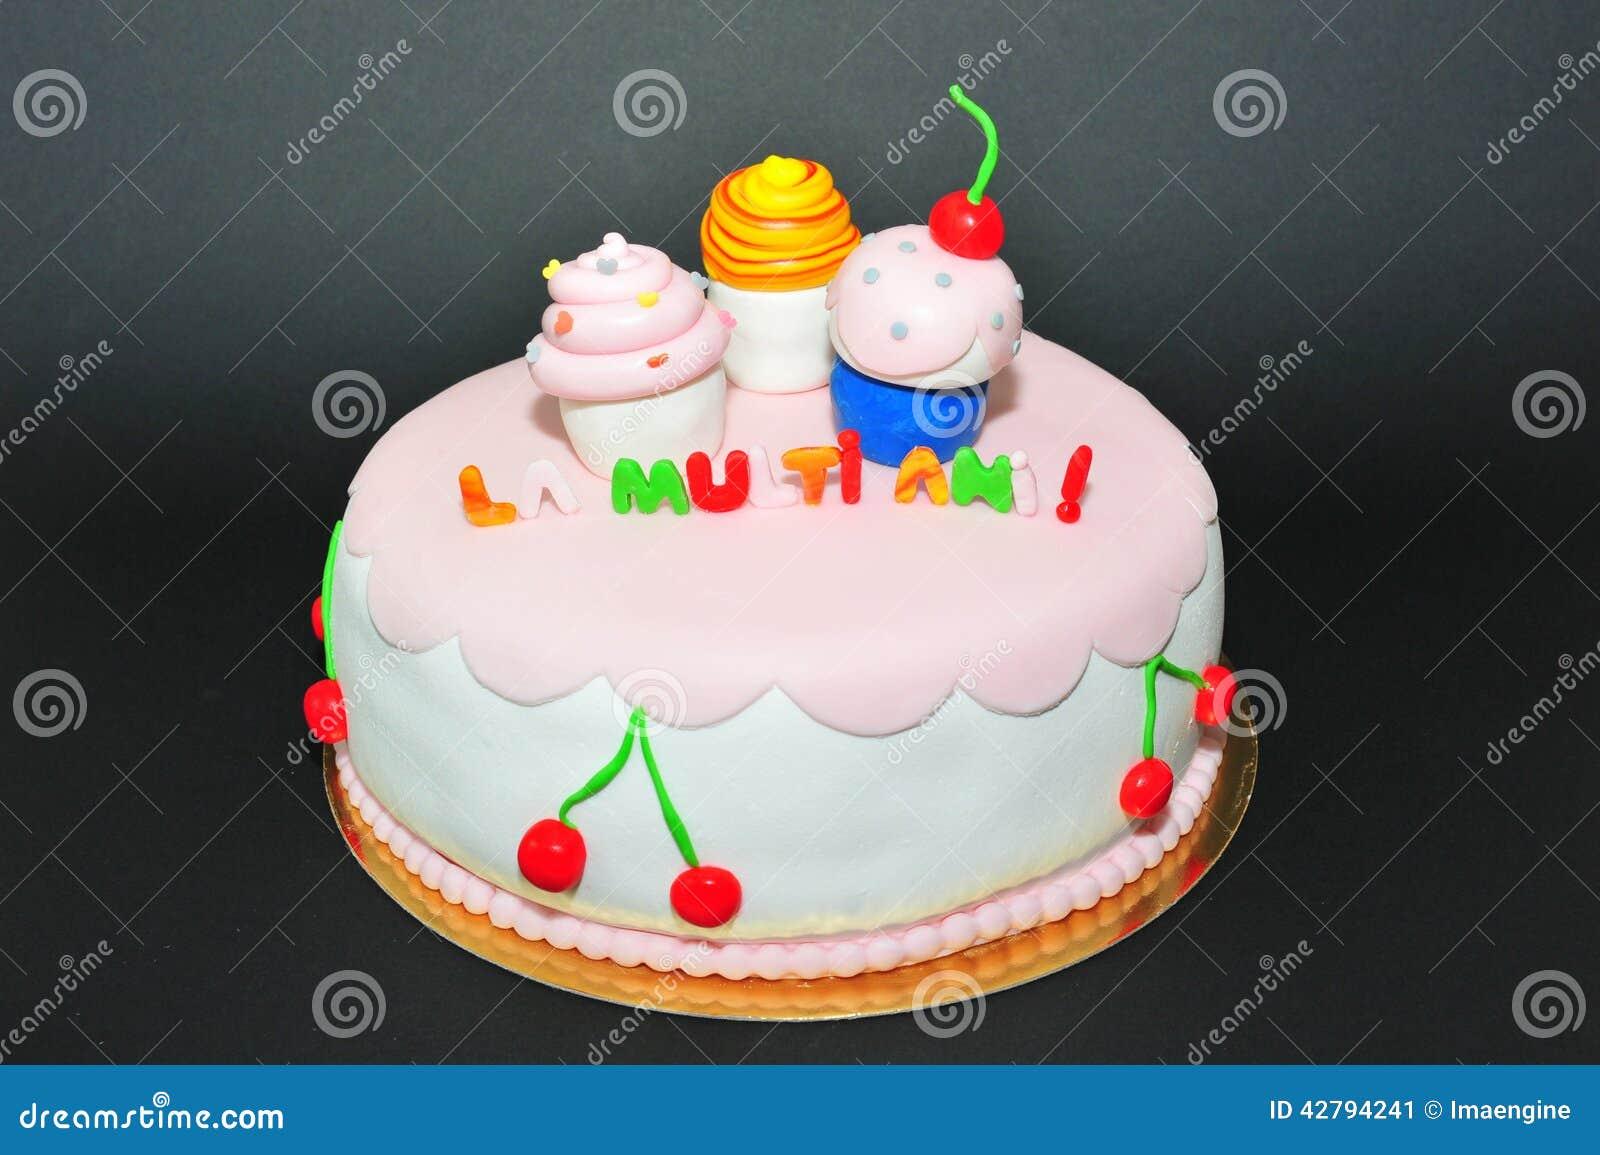 Cupcakes Figurines Fondant Birthday Cake Stock Image Image Of